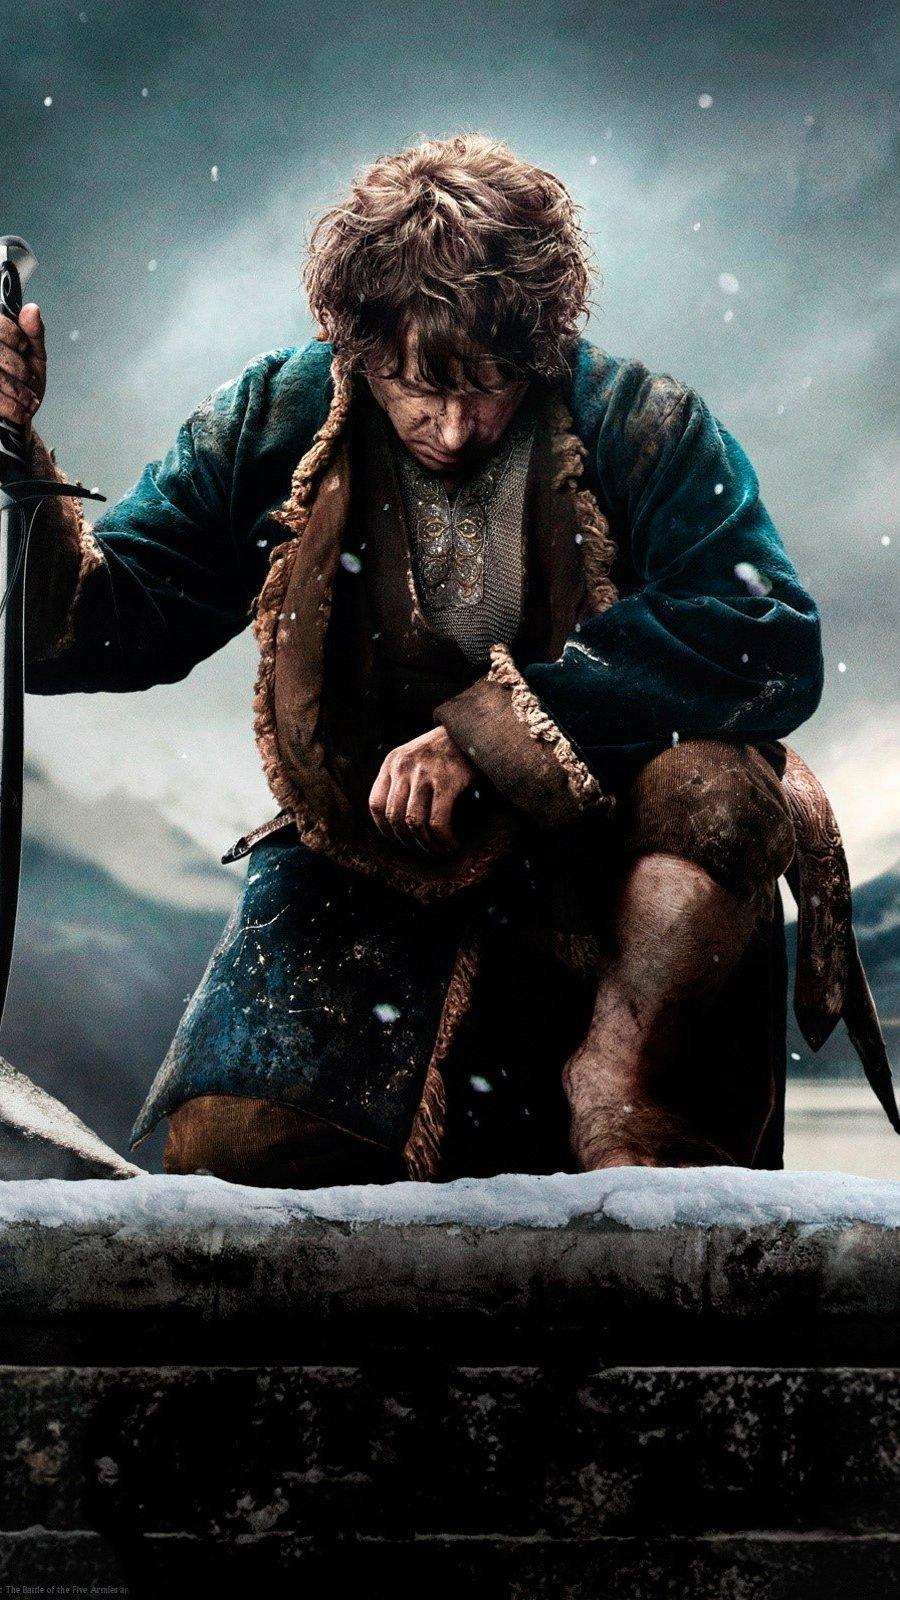 Fondos de pantalla El hobbit 3 Vertical